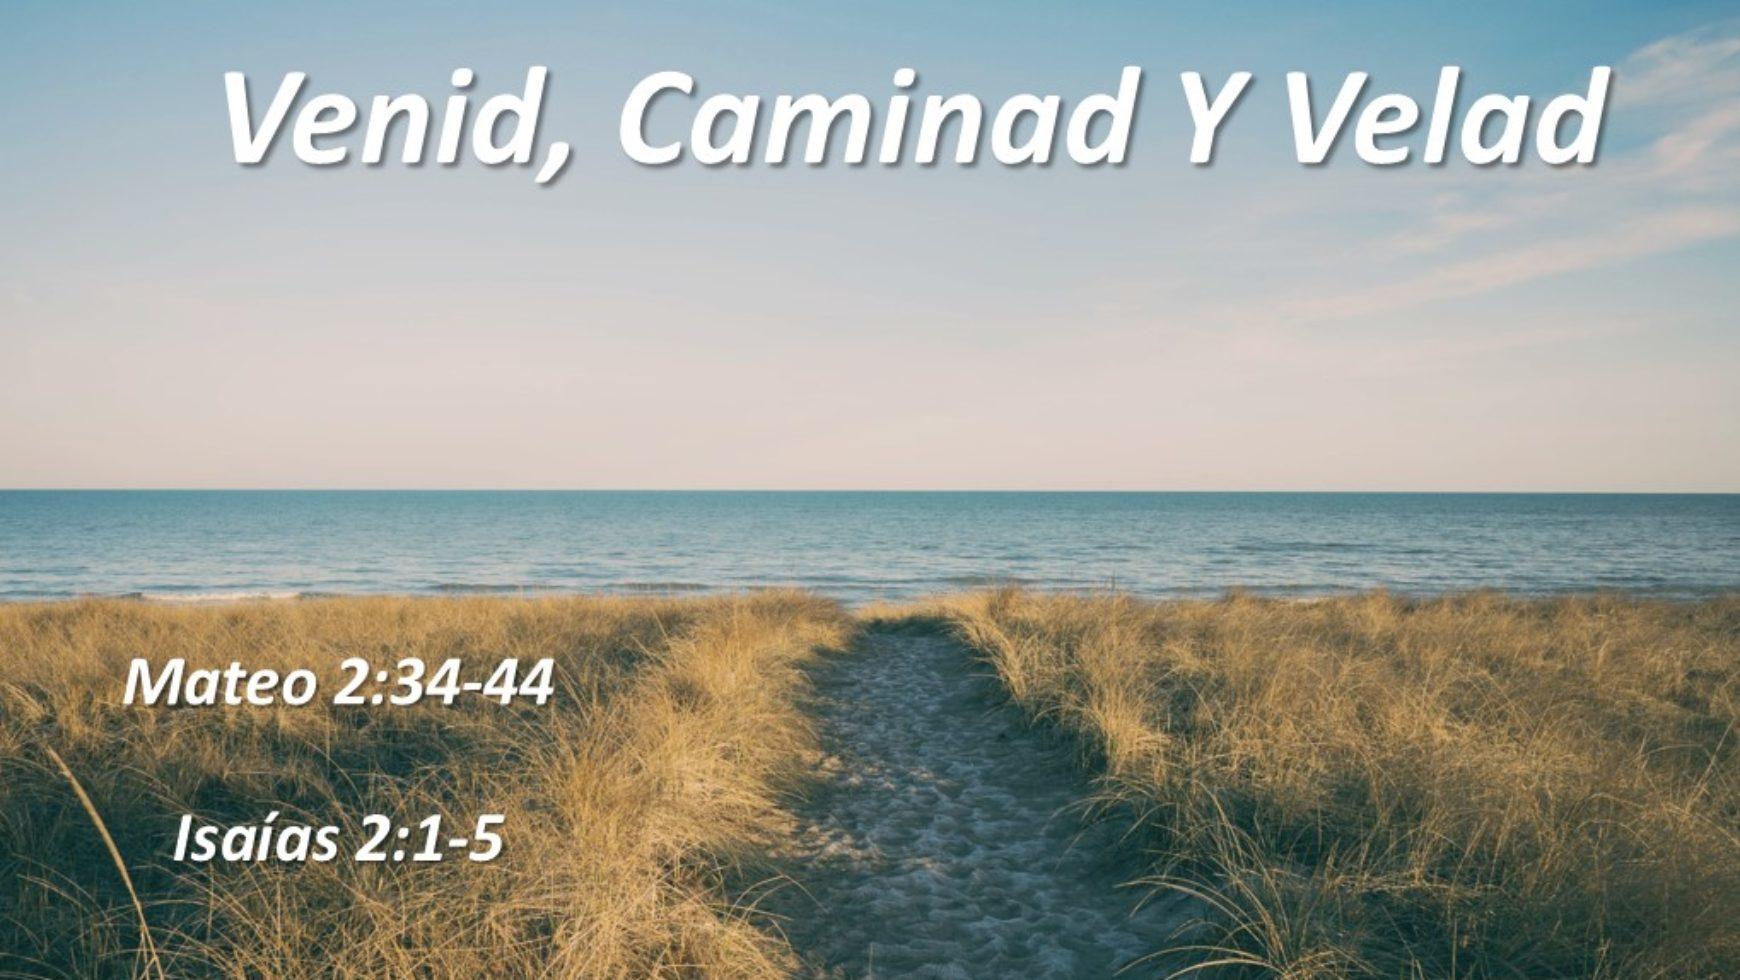 Venid, Caminad Y Velad